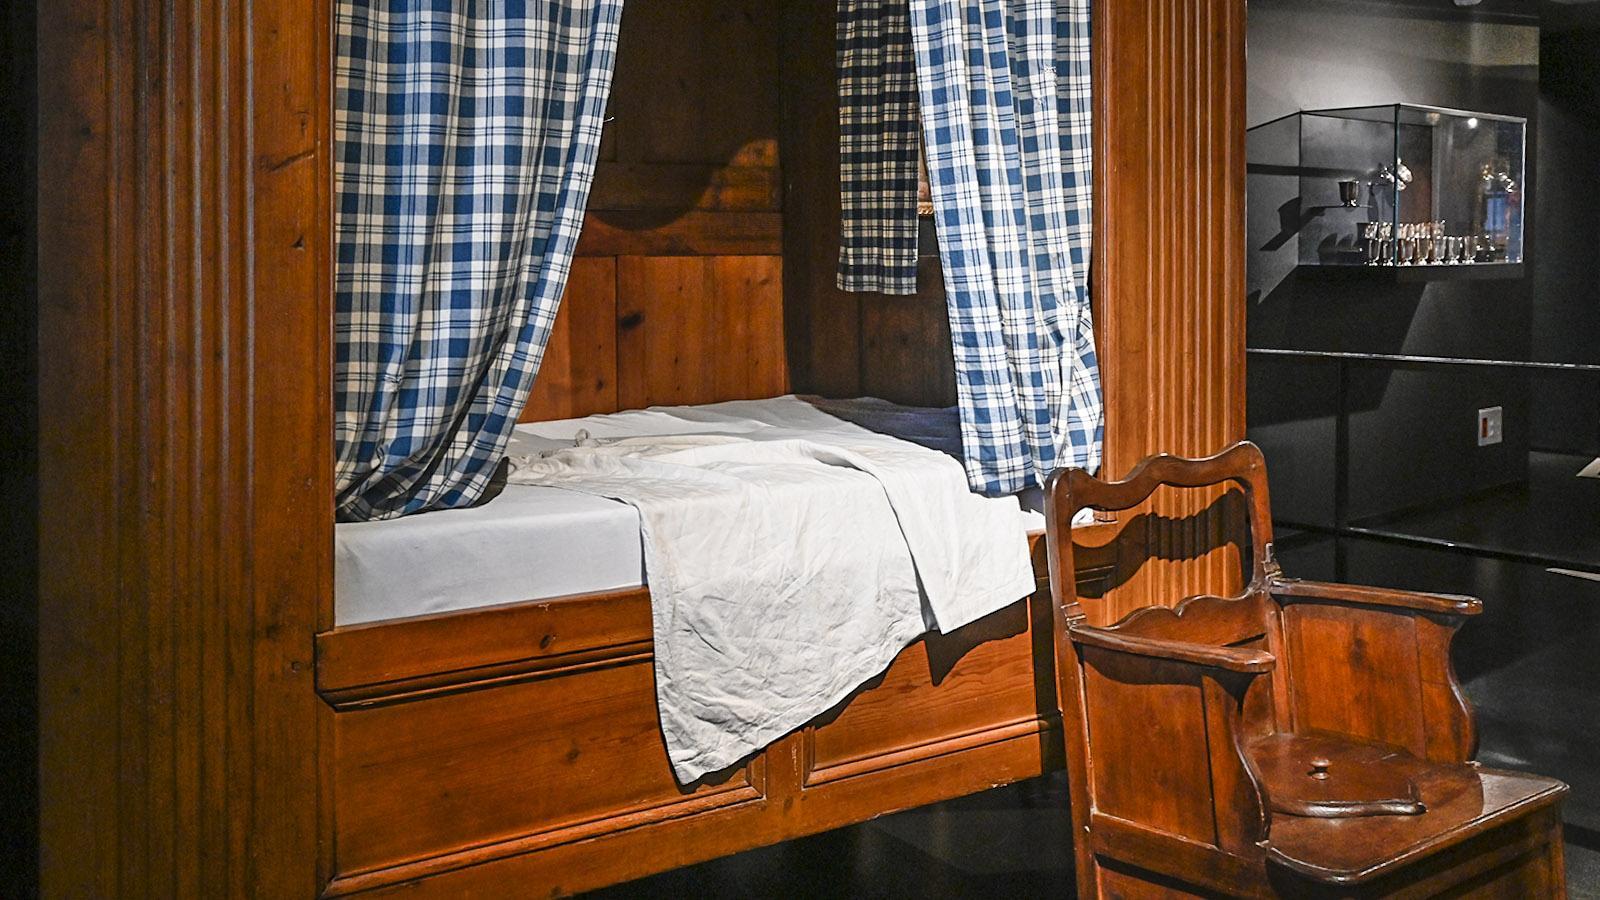 Das Bett im Alkoven, der Toilettenstuhl davor: So schliefen die Neufundland-Kapitäne daheim. Foto: Hilke Maunder